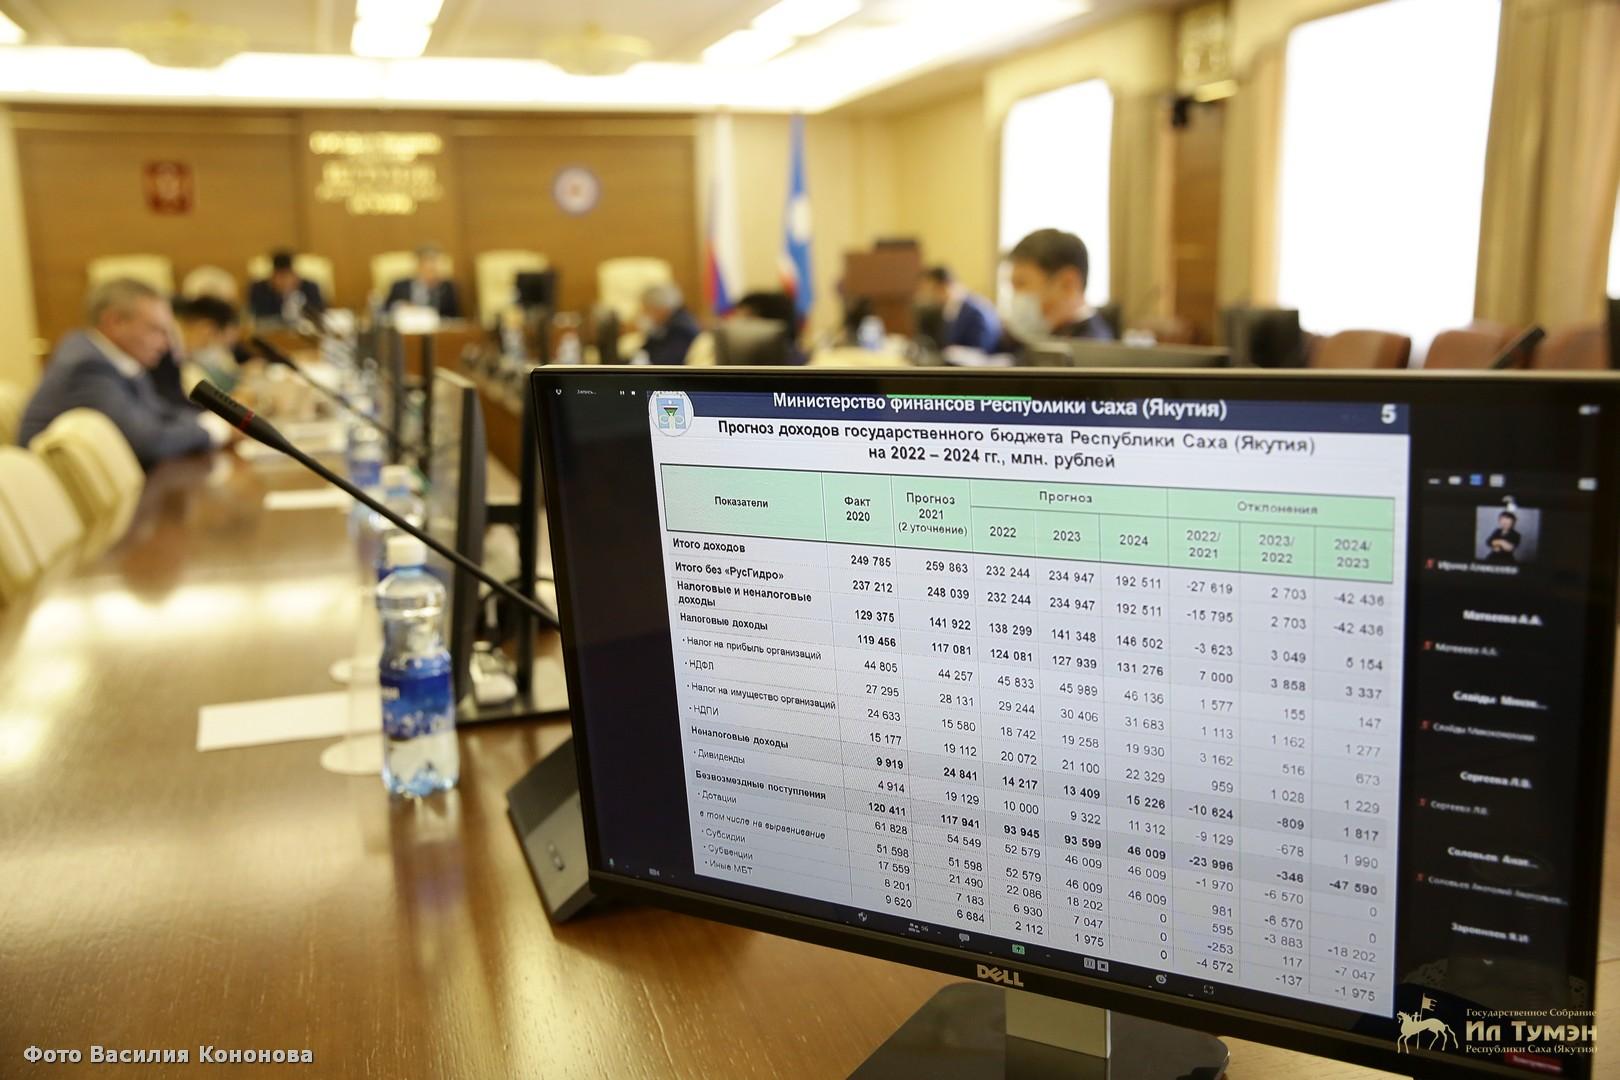 В Ил Тумэне состоялись публичные слушания по проекту государственного бюджета Якутии на 2022 год и на плановый период